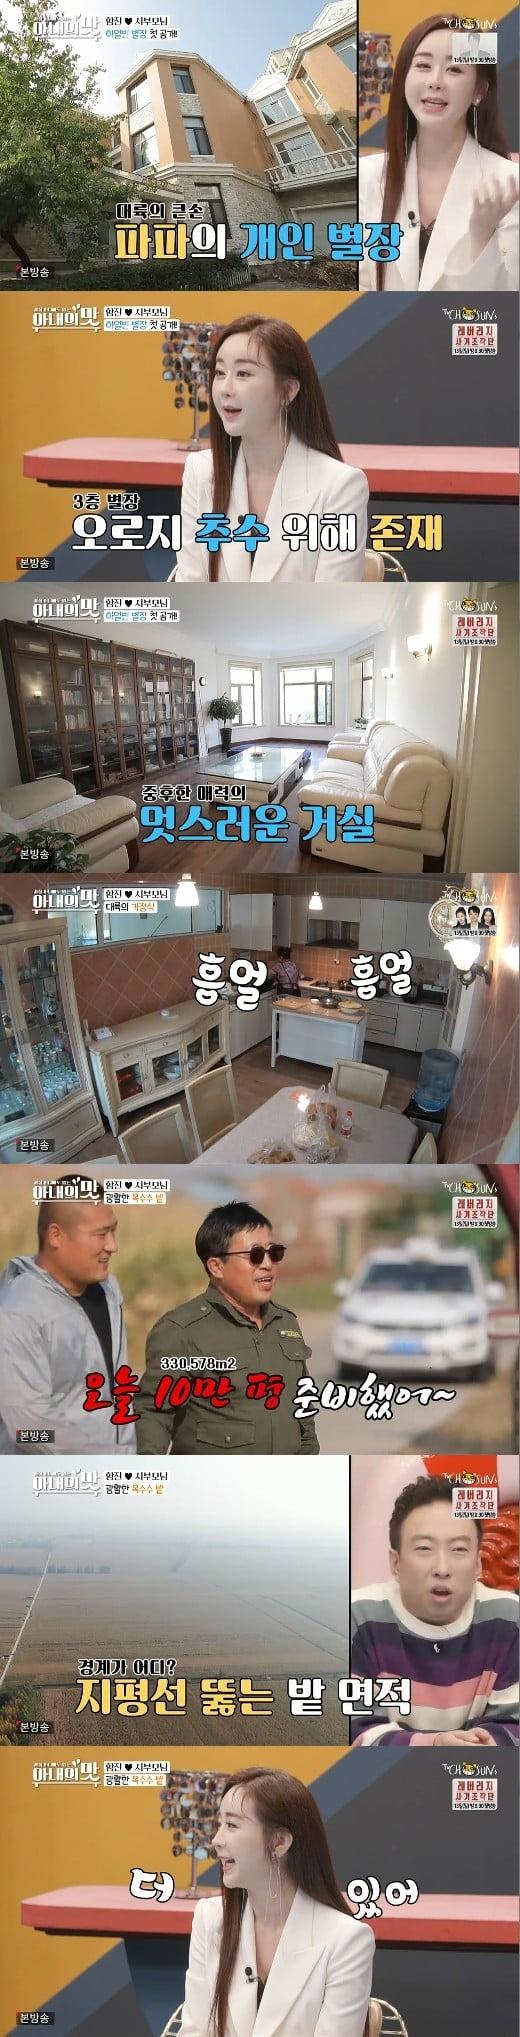 '아내의 맛'에서 시댁 별장을 소개하는 함소원 /사진=TV조선